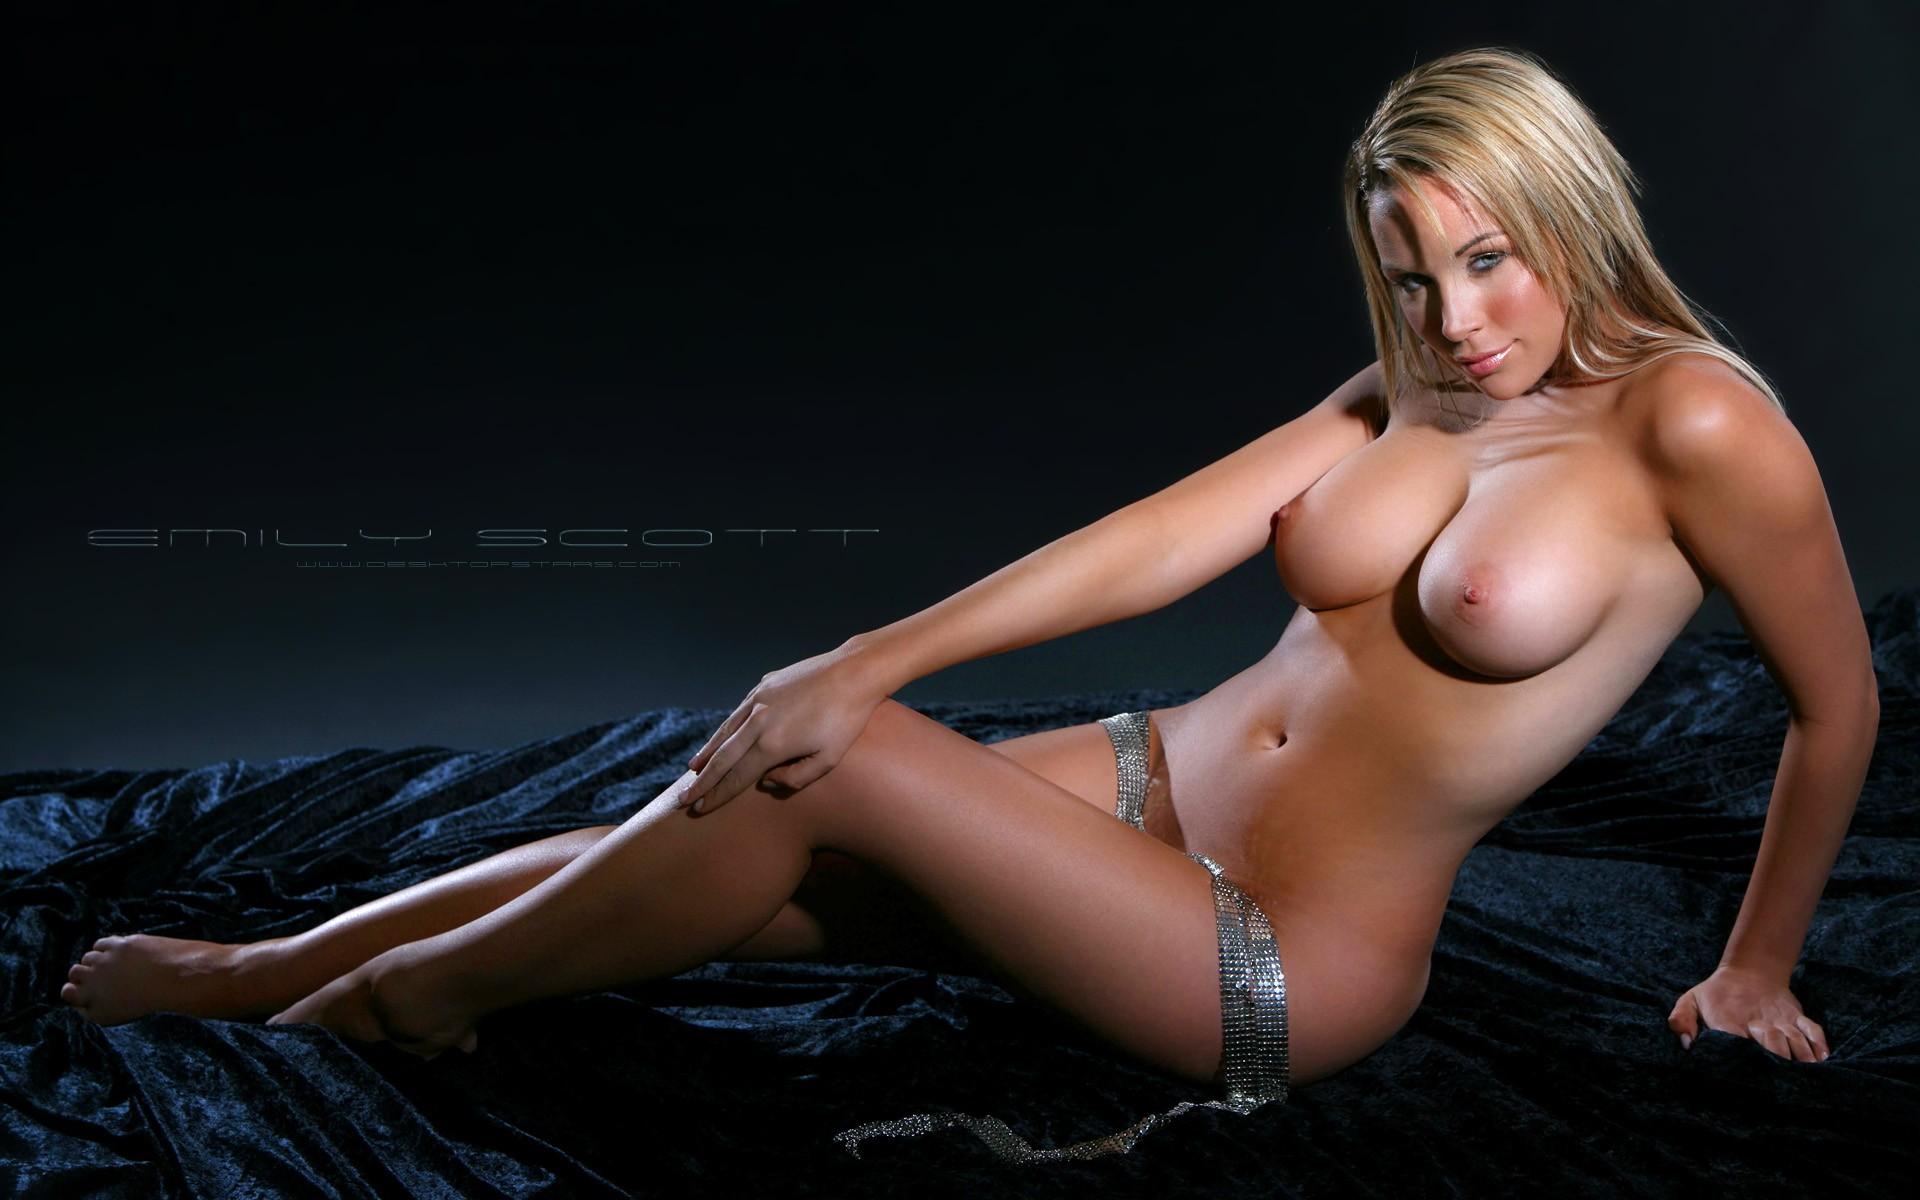 Сексуальная девушка эротика фото 7 фотография